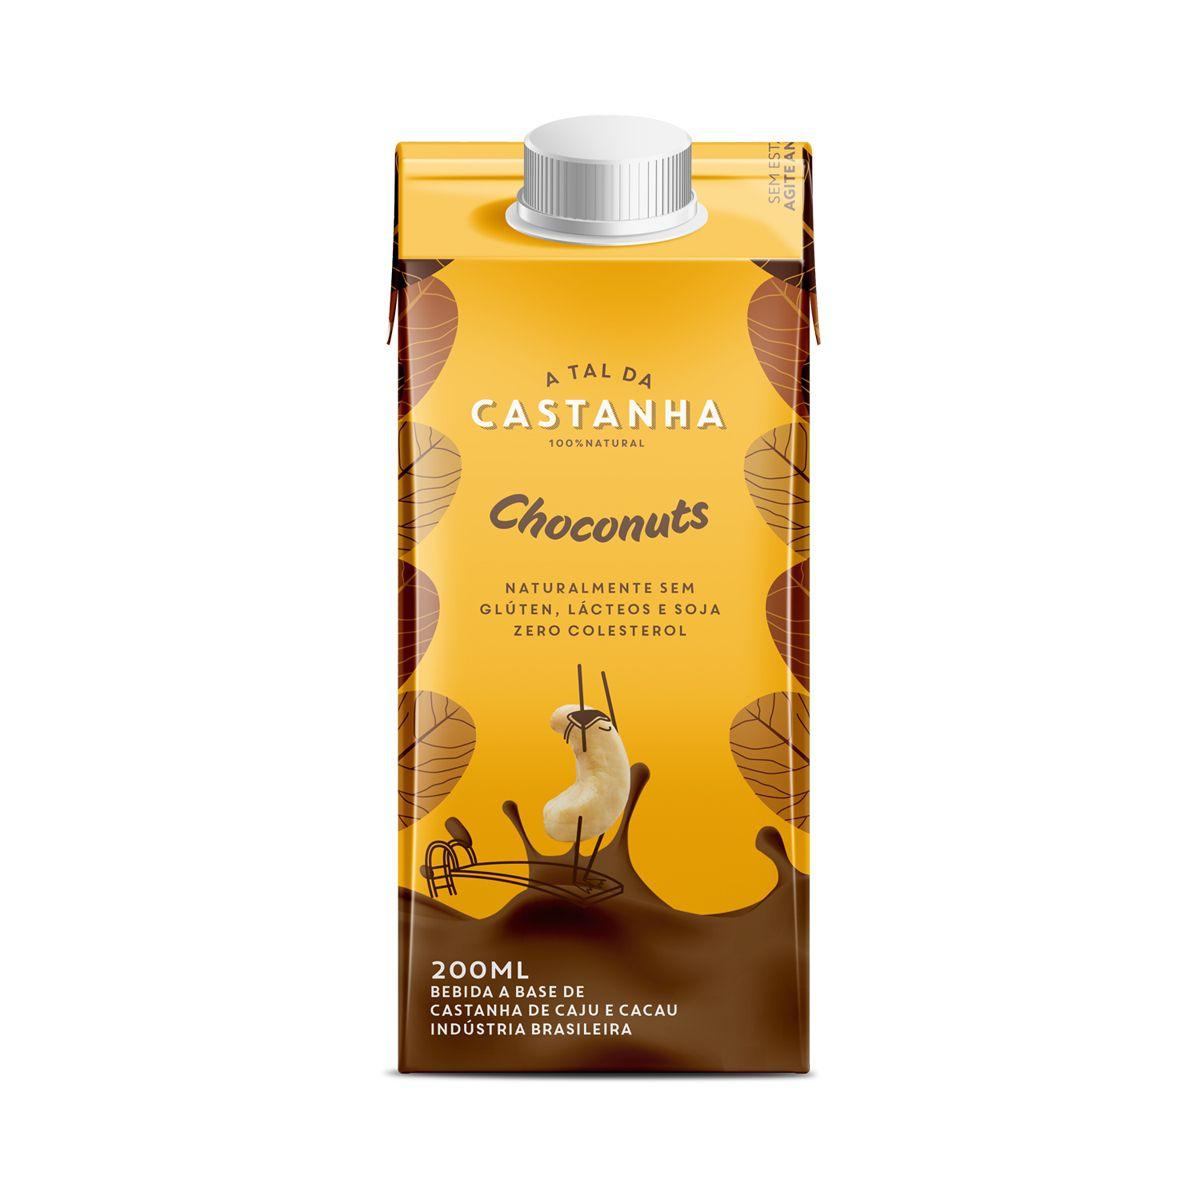 Bebida Vegetal Castanhas de Caju e Cacau Choconuts 200ml - A tal da Castanha